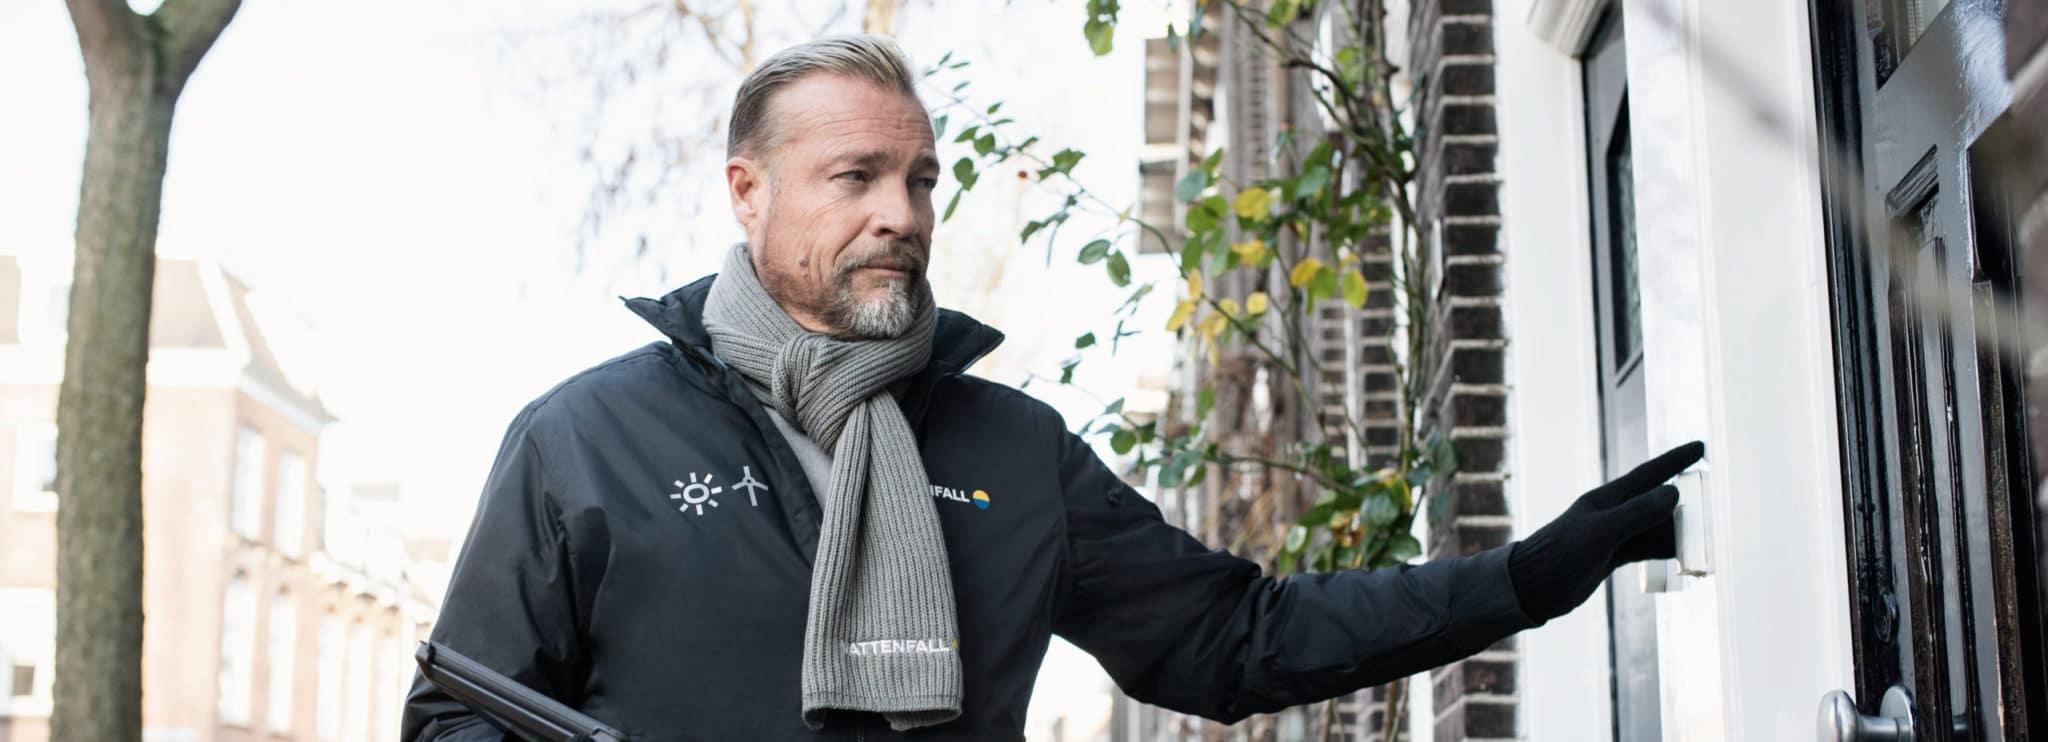 Bedrijfskleding casual Vattenfall verkoper met softshell en shawl